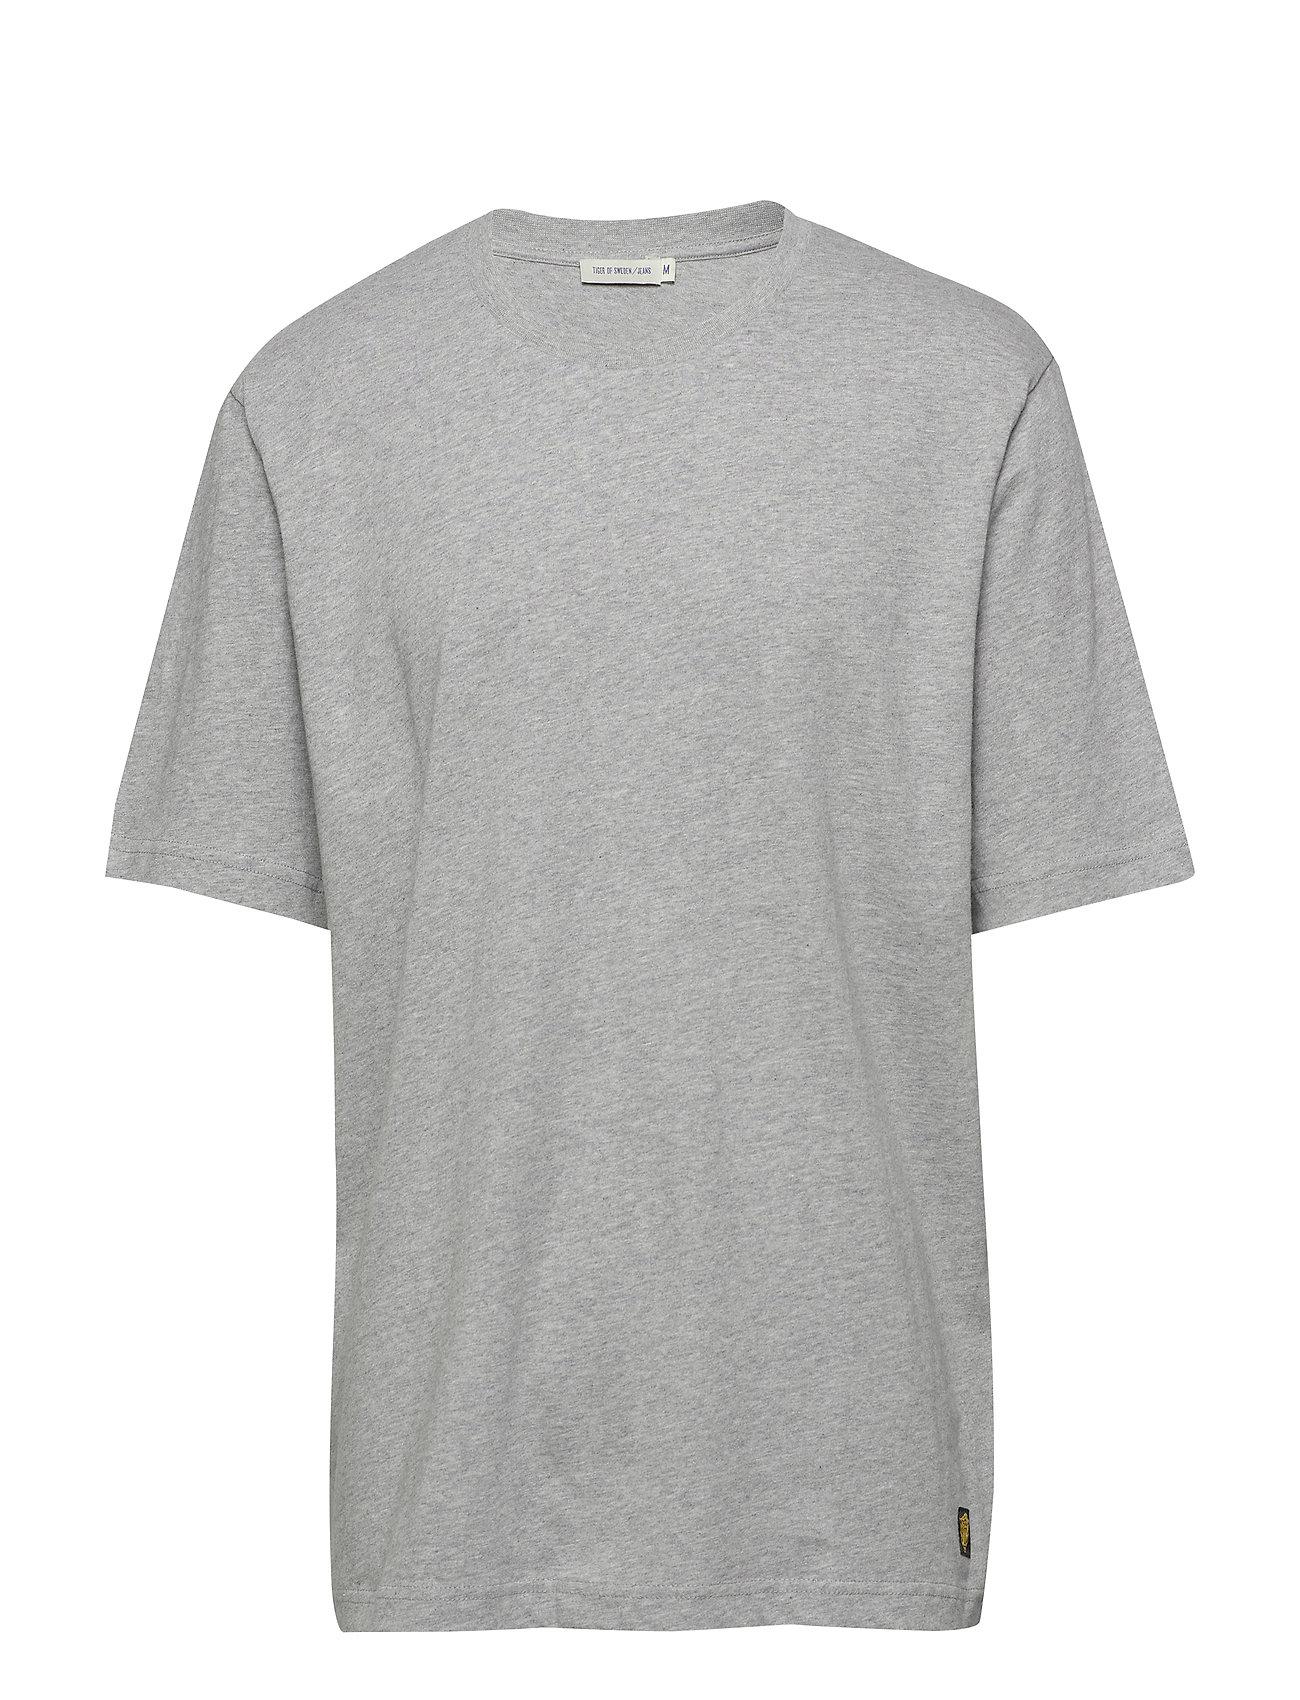 Image of Pro T-shirt Grå Tiger Of Sweden Jeans (3418622345)